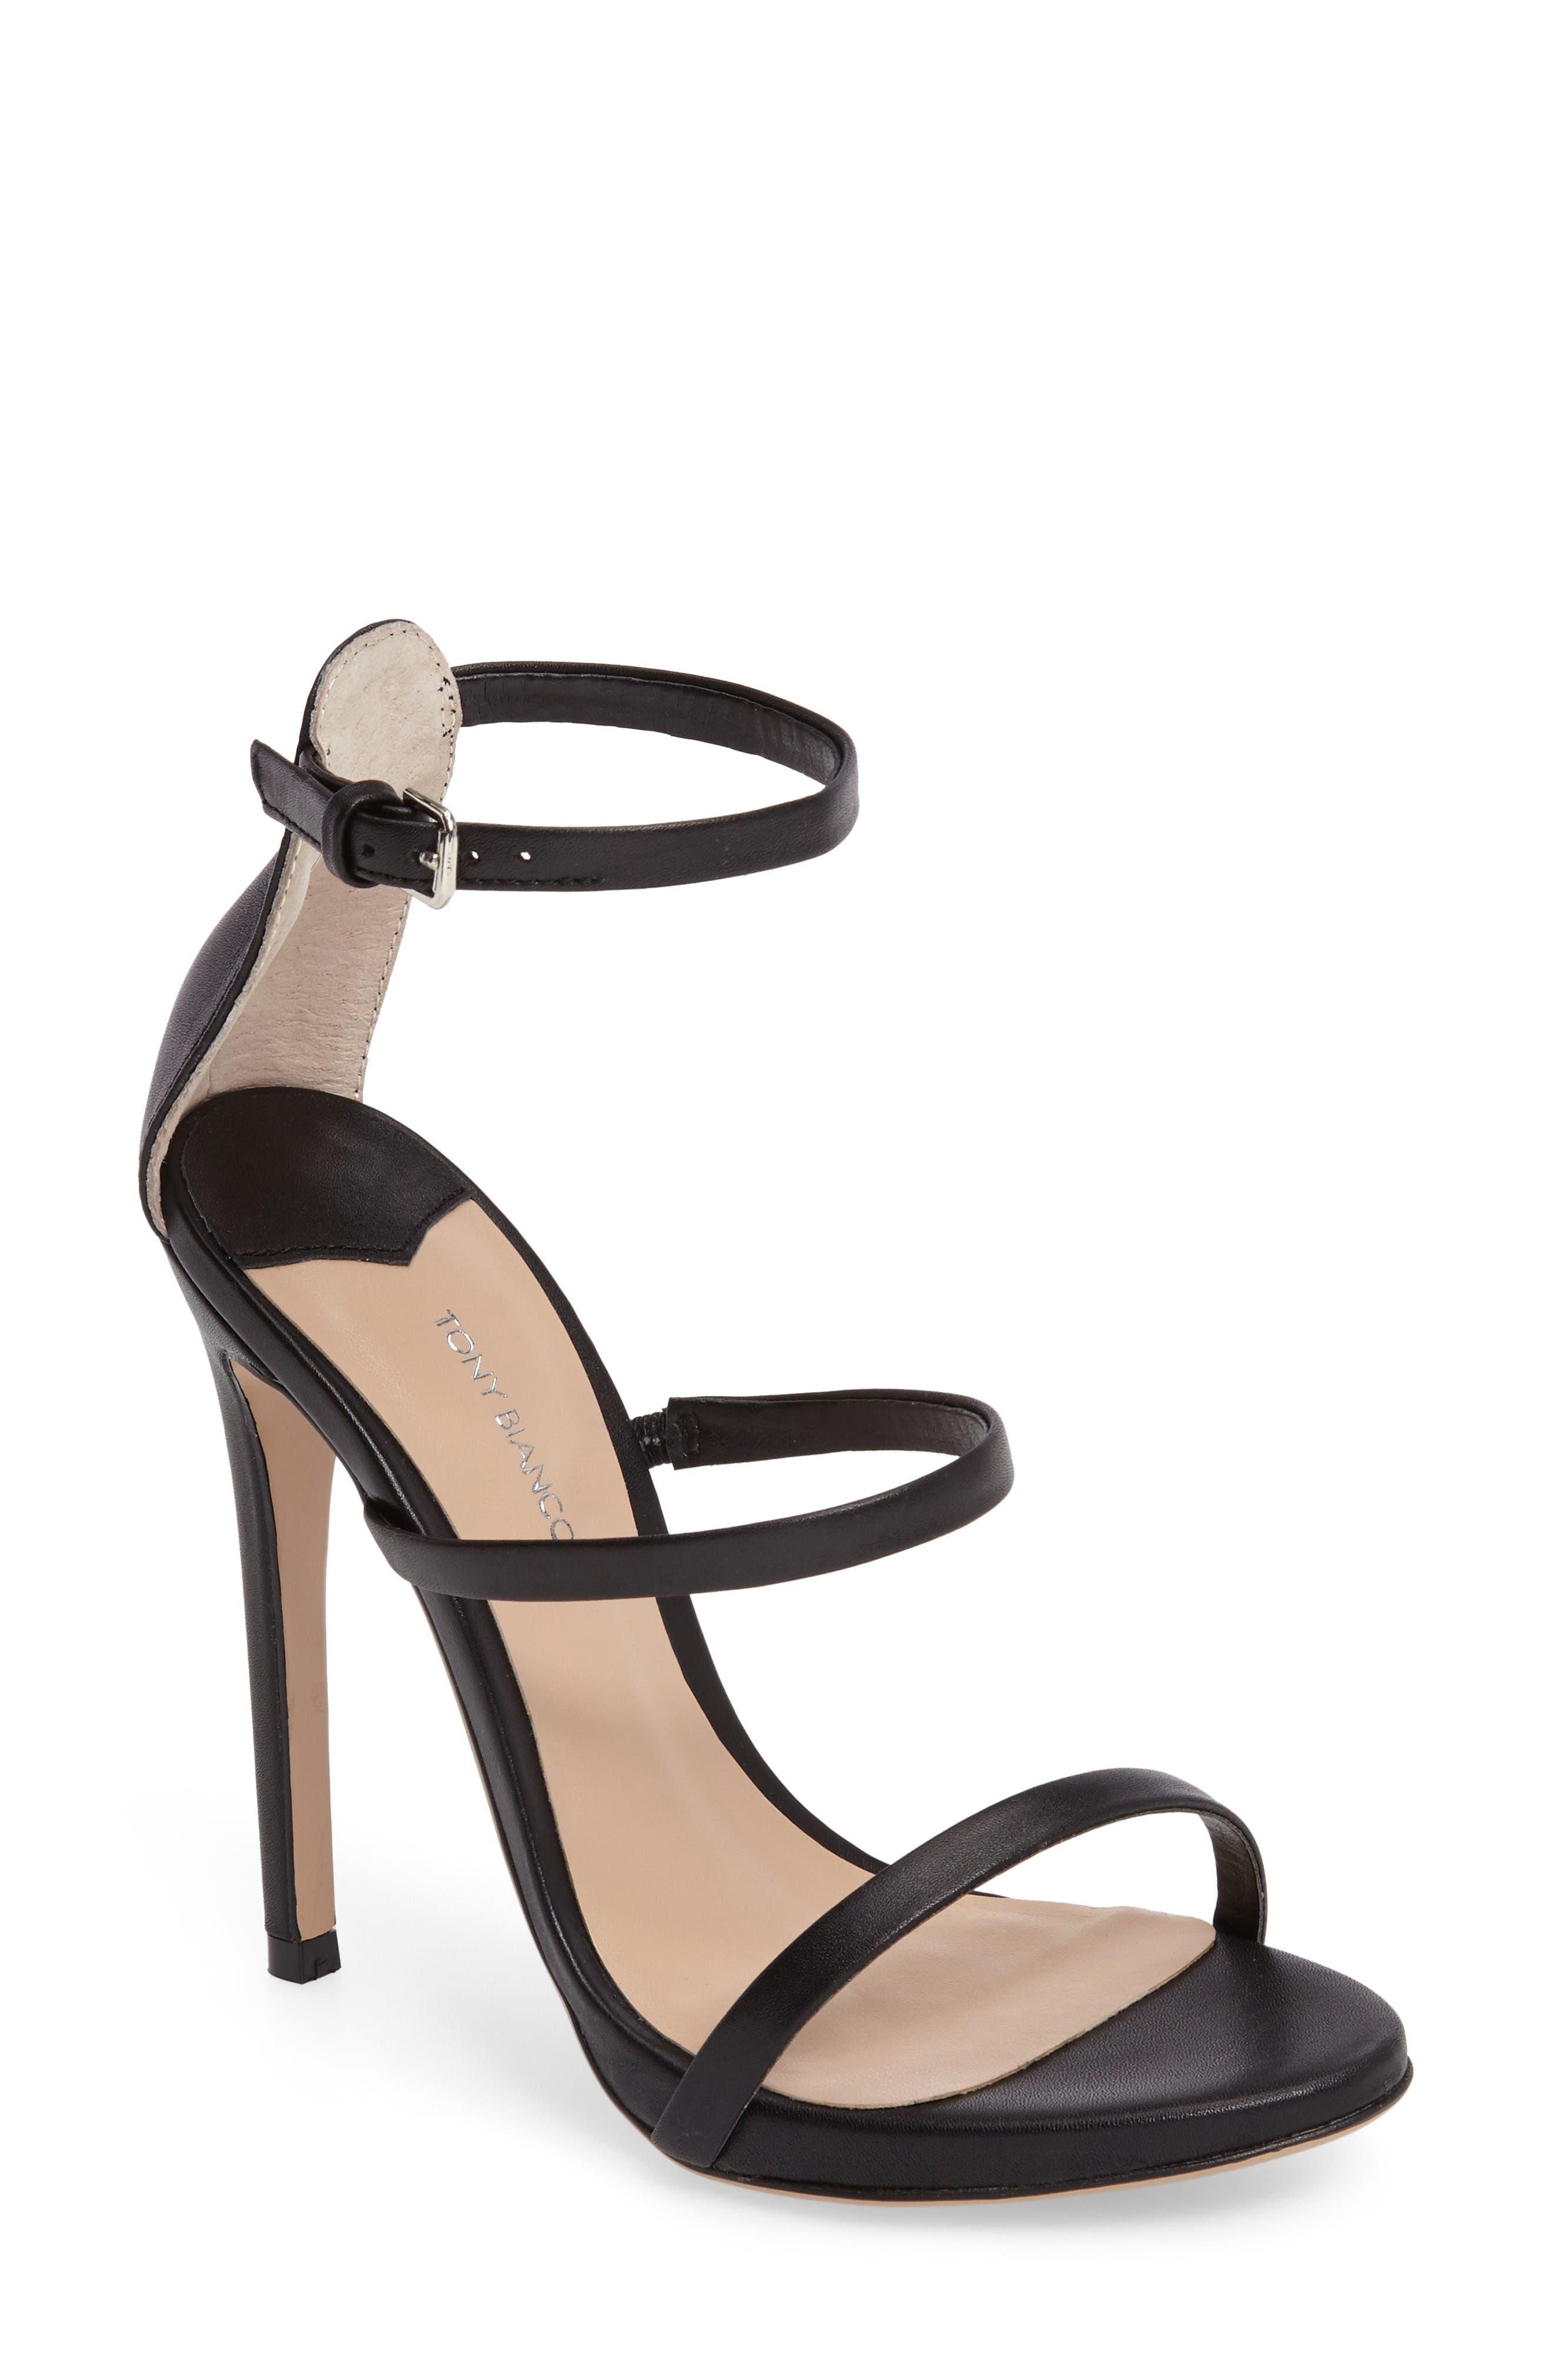 cheap ebay sale choice Tony Bianco Joy Bow Detail Mid Heels MFtLaX